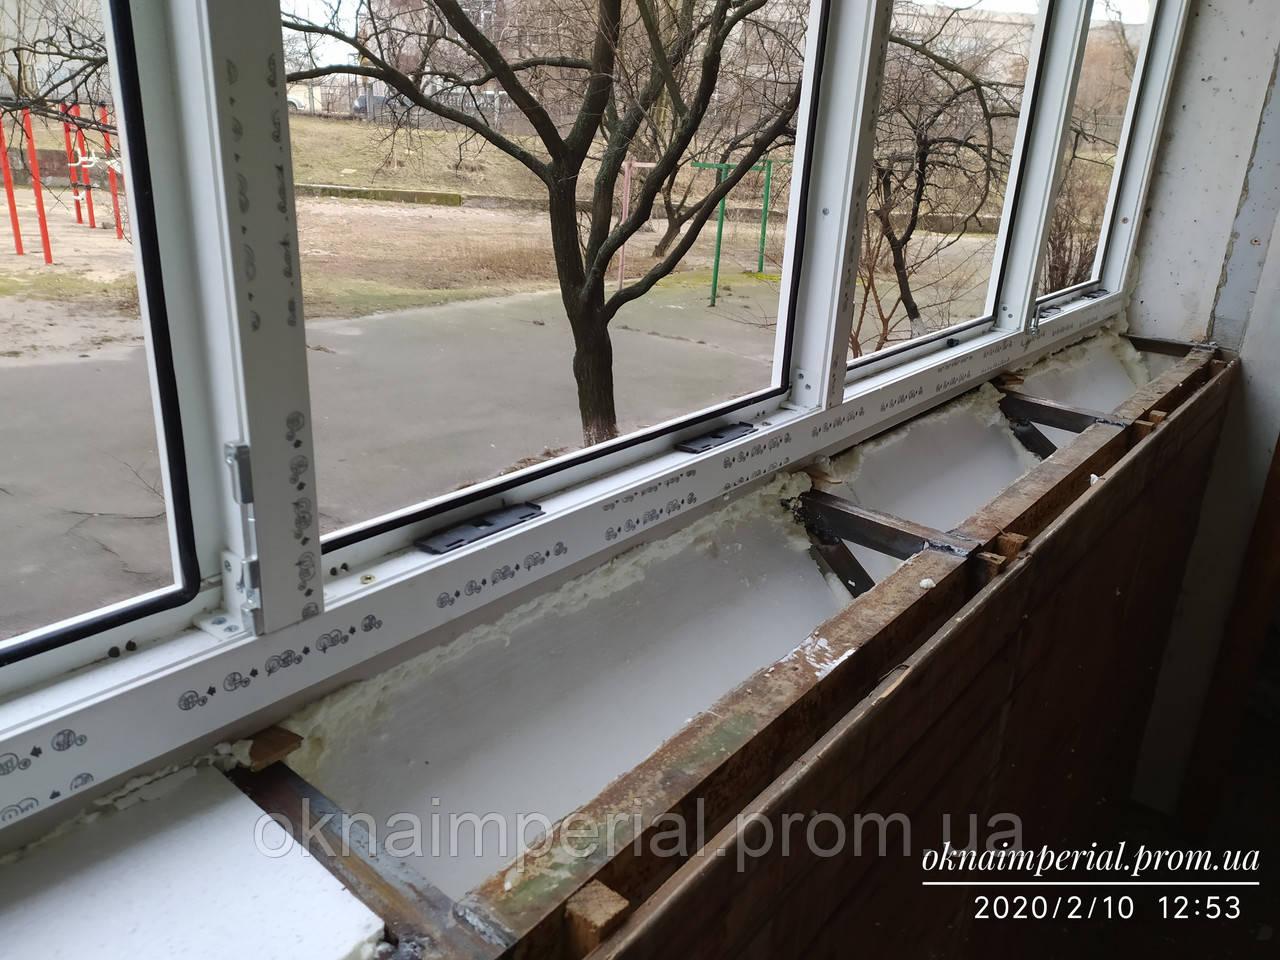 Изготовление выноса и установка балкона на него.